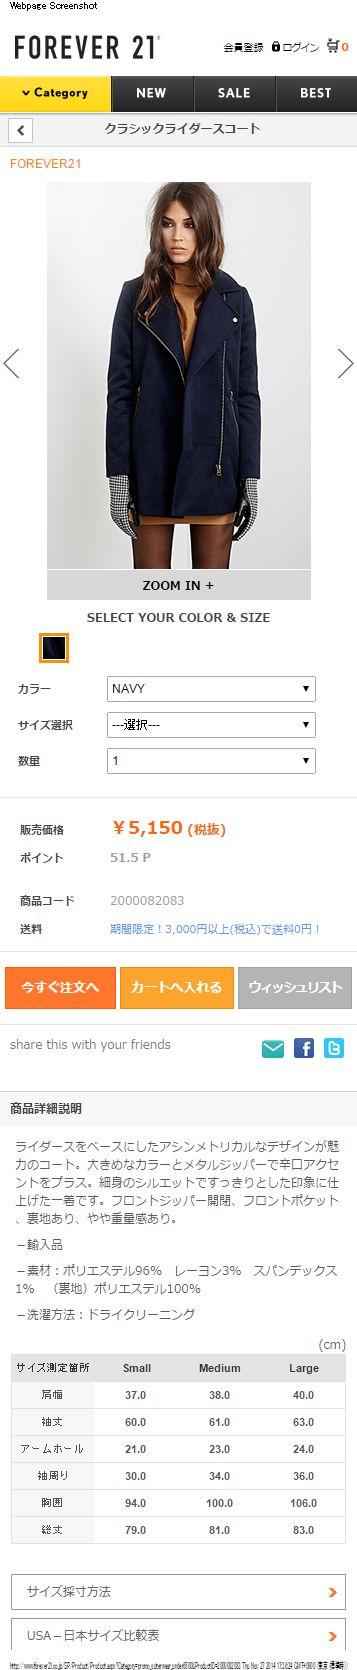 FOREVER21 JAPAN